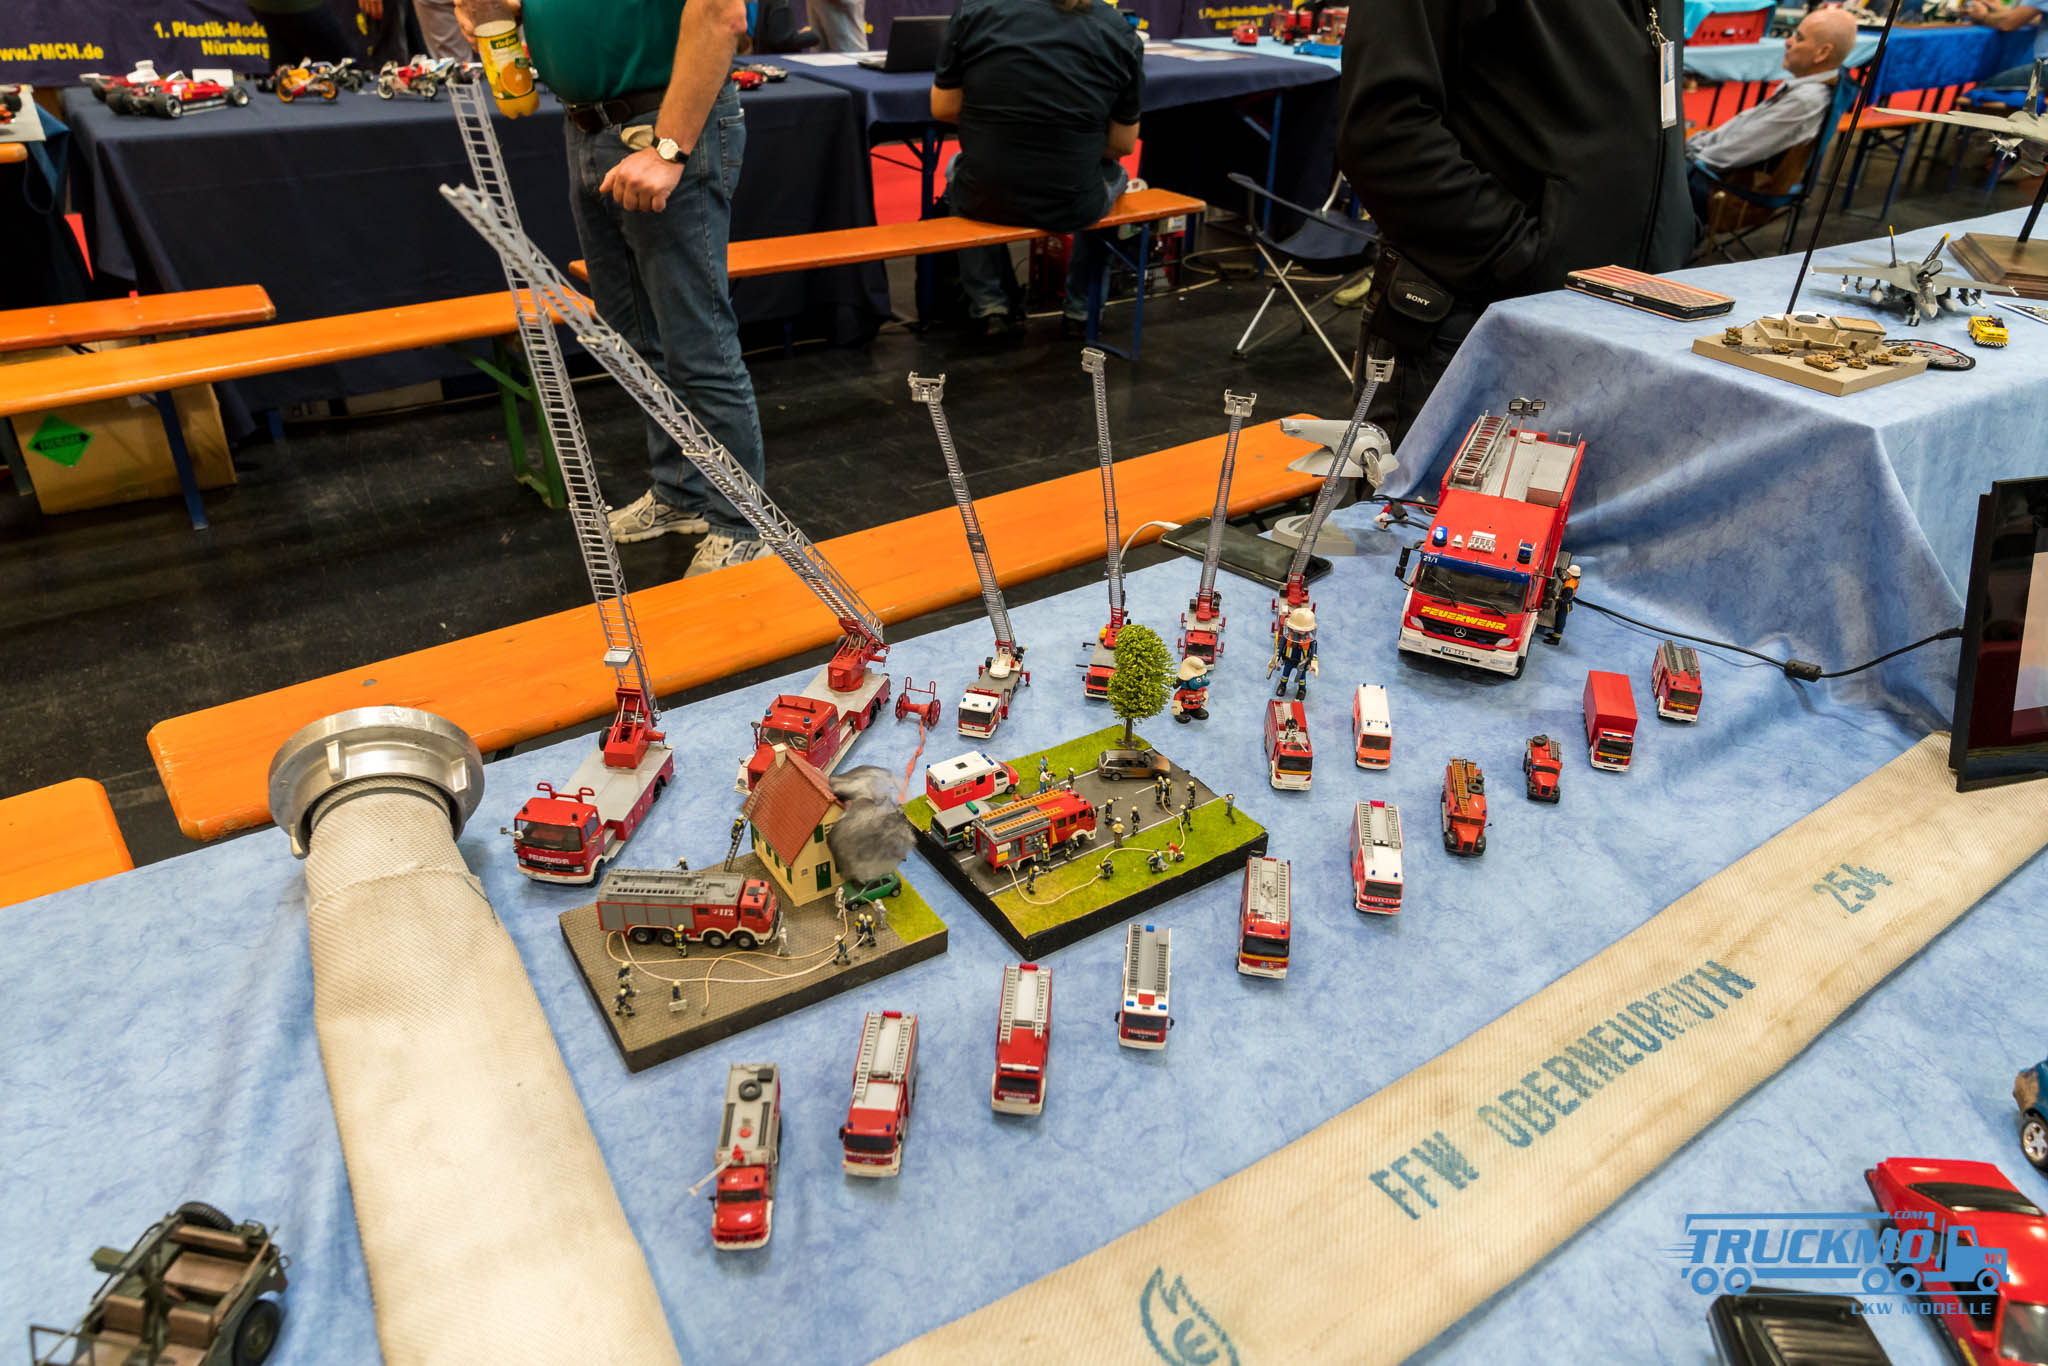 Truckmo_Modellbau_Ried_2017_Herpa_Messe_Modellbauausstellung (355 von 1177)